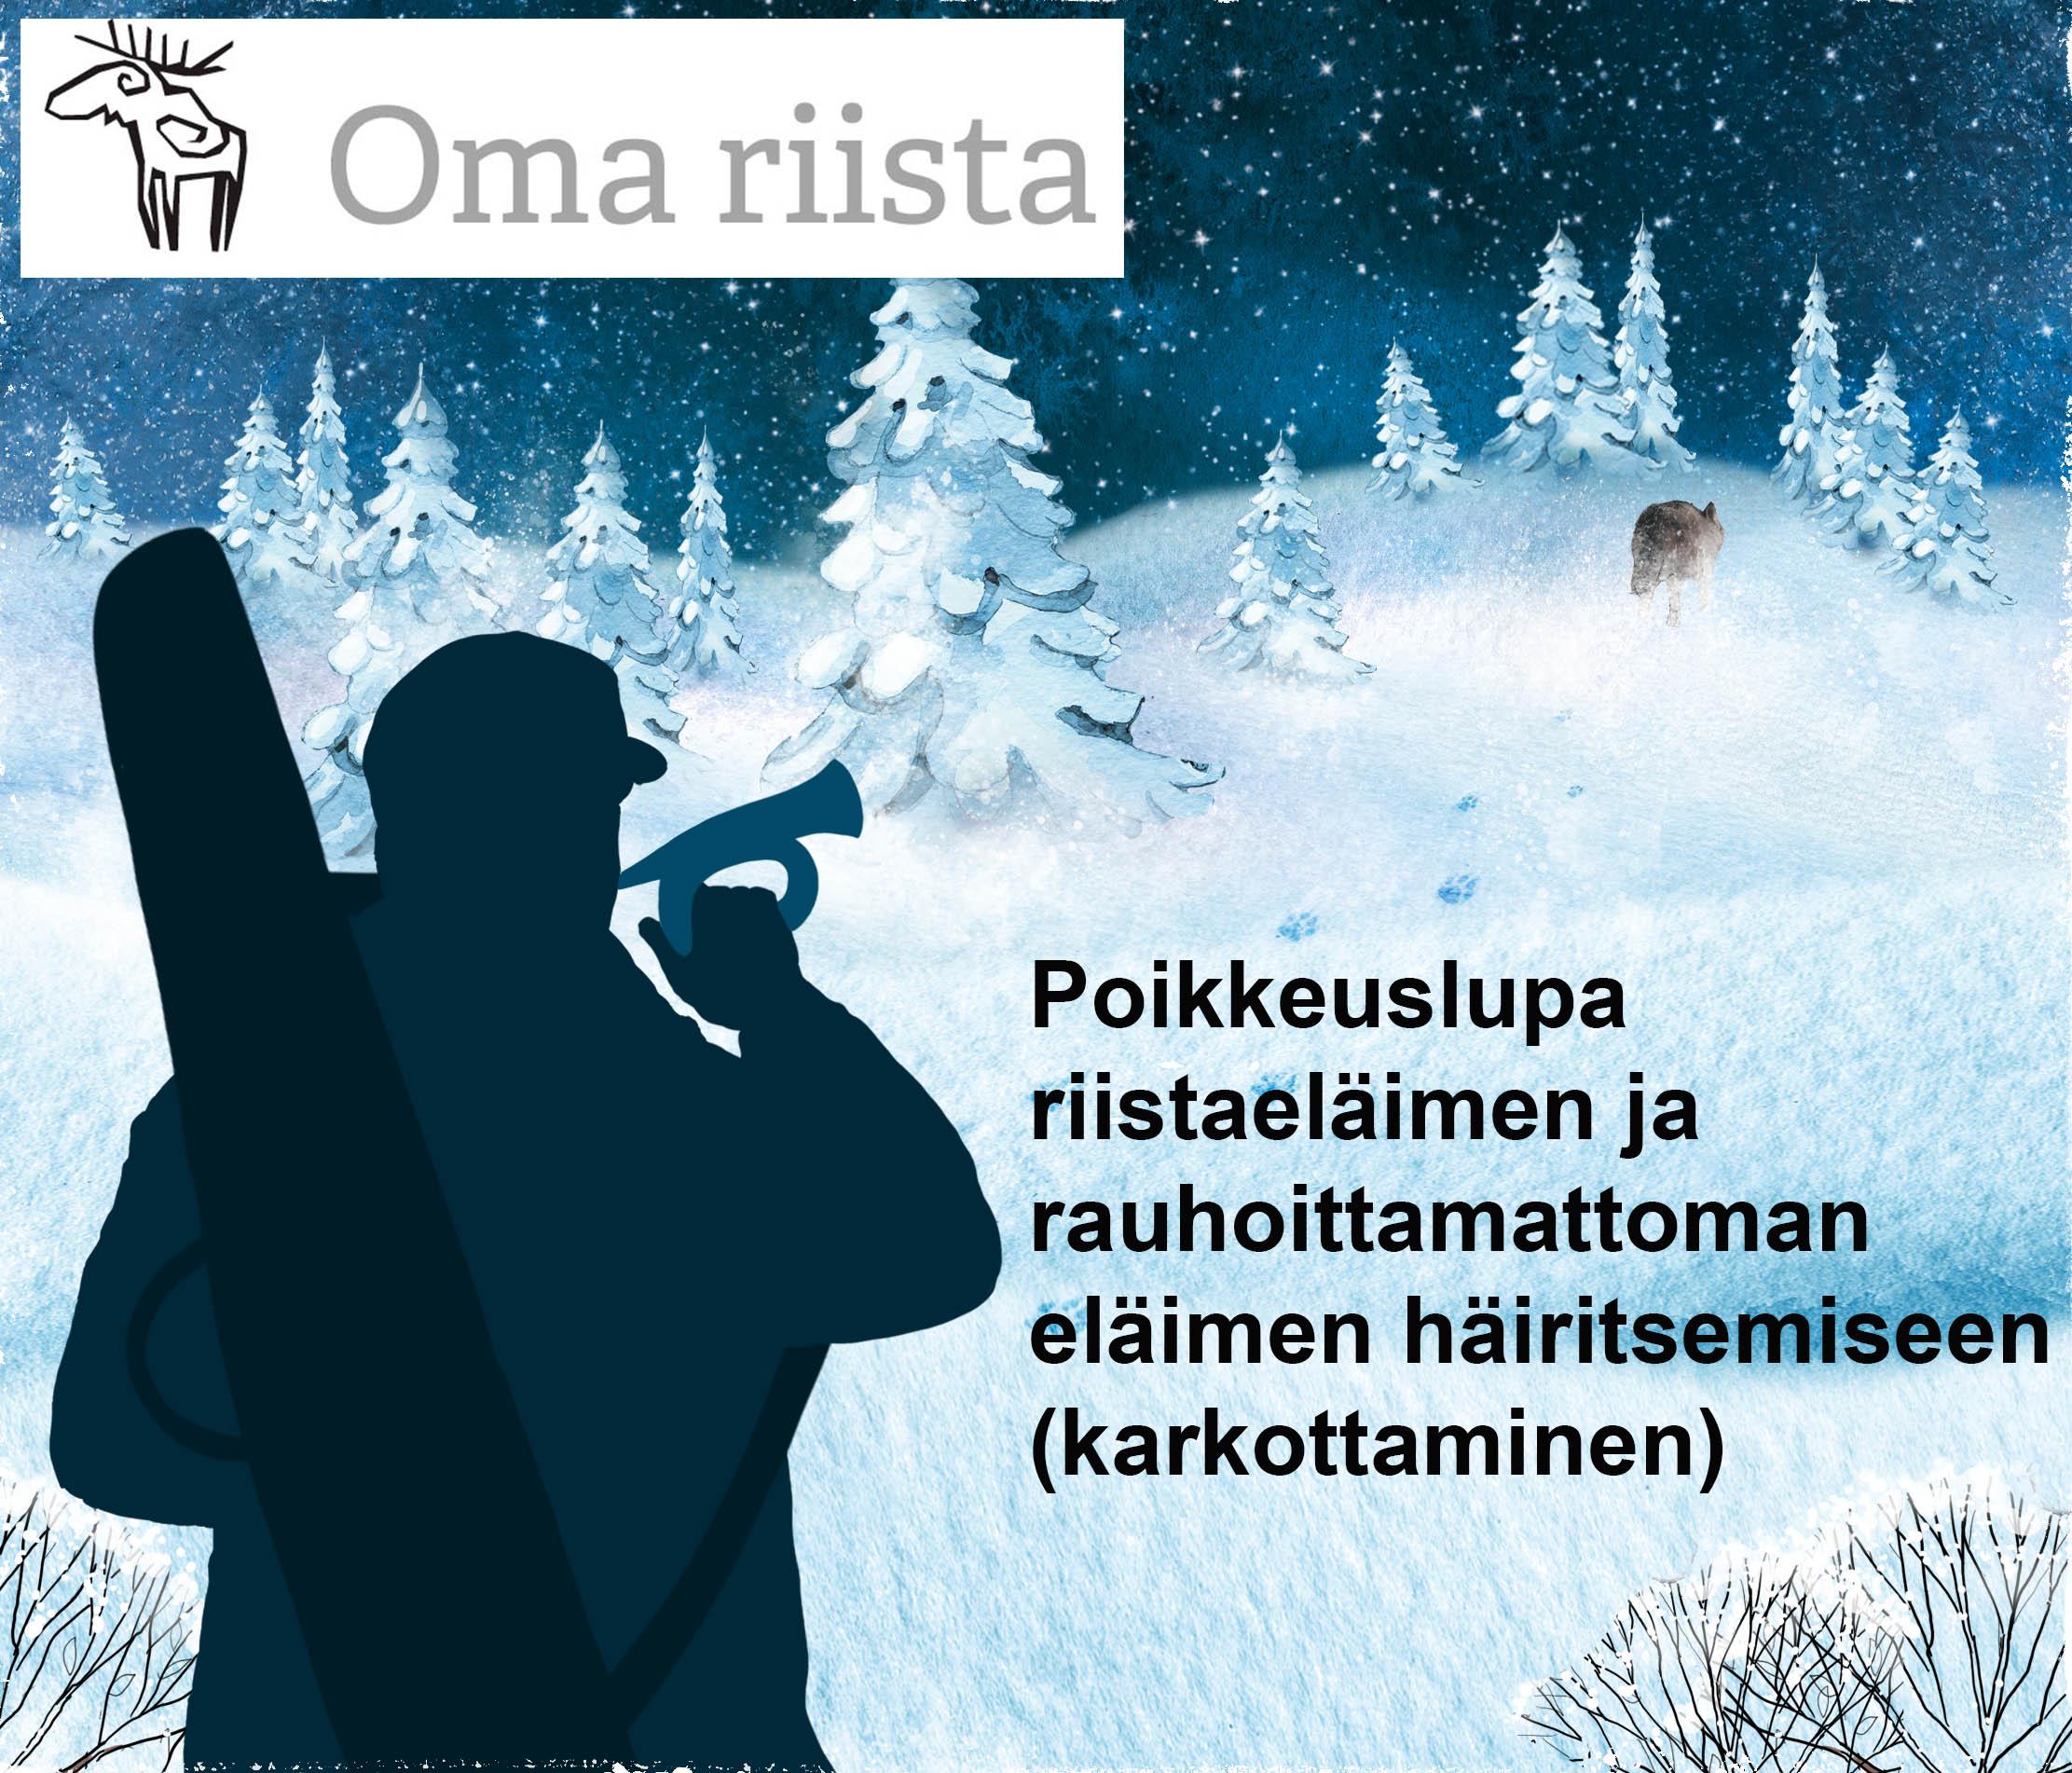 Piirros, jossa metsästäjä puhaltaa metsästystorveen ja eläin juoksee metsään jättäen lumeen jäljet.